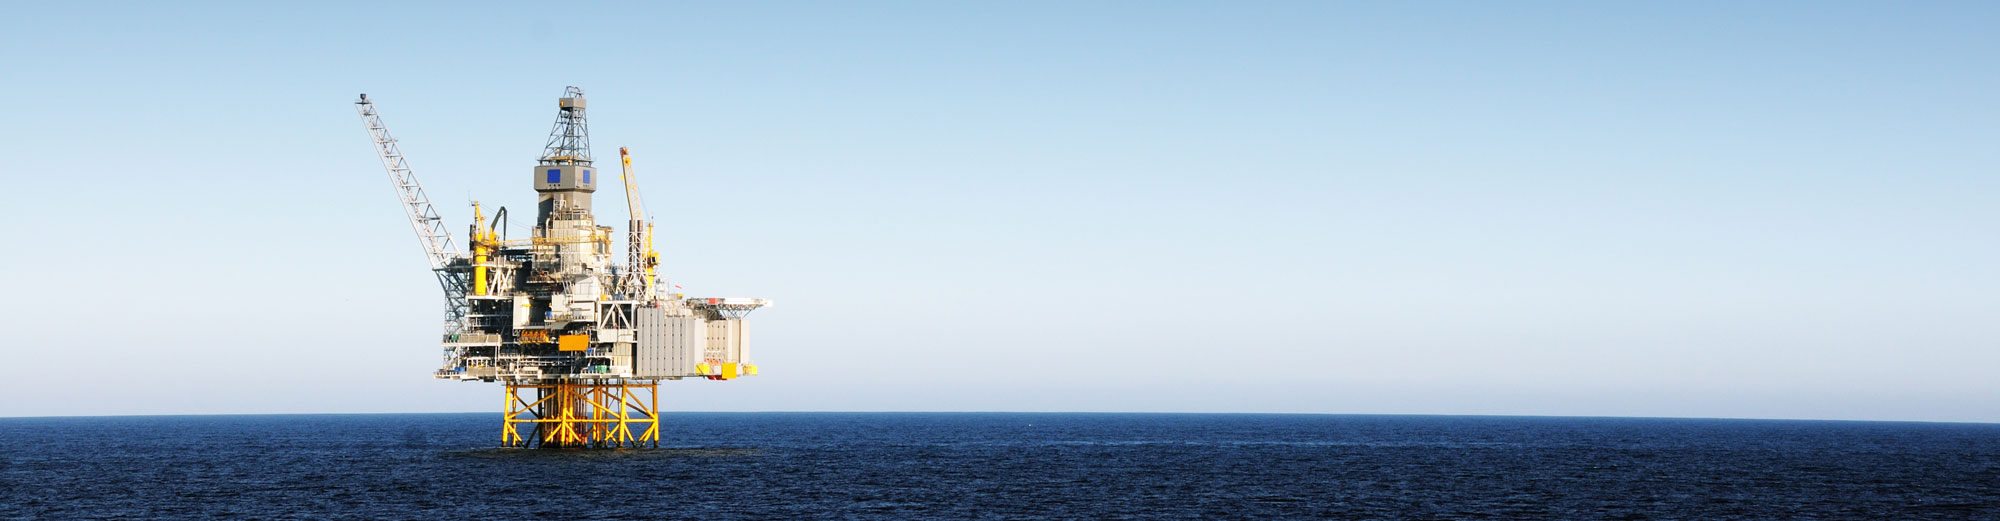 Marinetechnik von FELLECS-TECH ICOM BETRIEBSFUNK NEU Händler VERKAUF VERTRIEB DEUTSCHLAND GERMANY